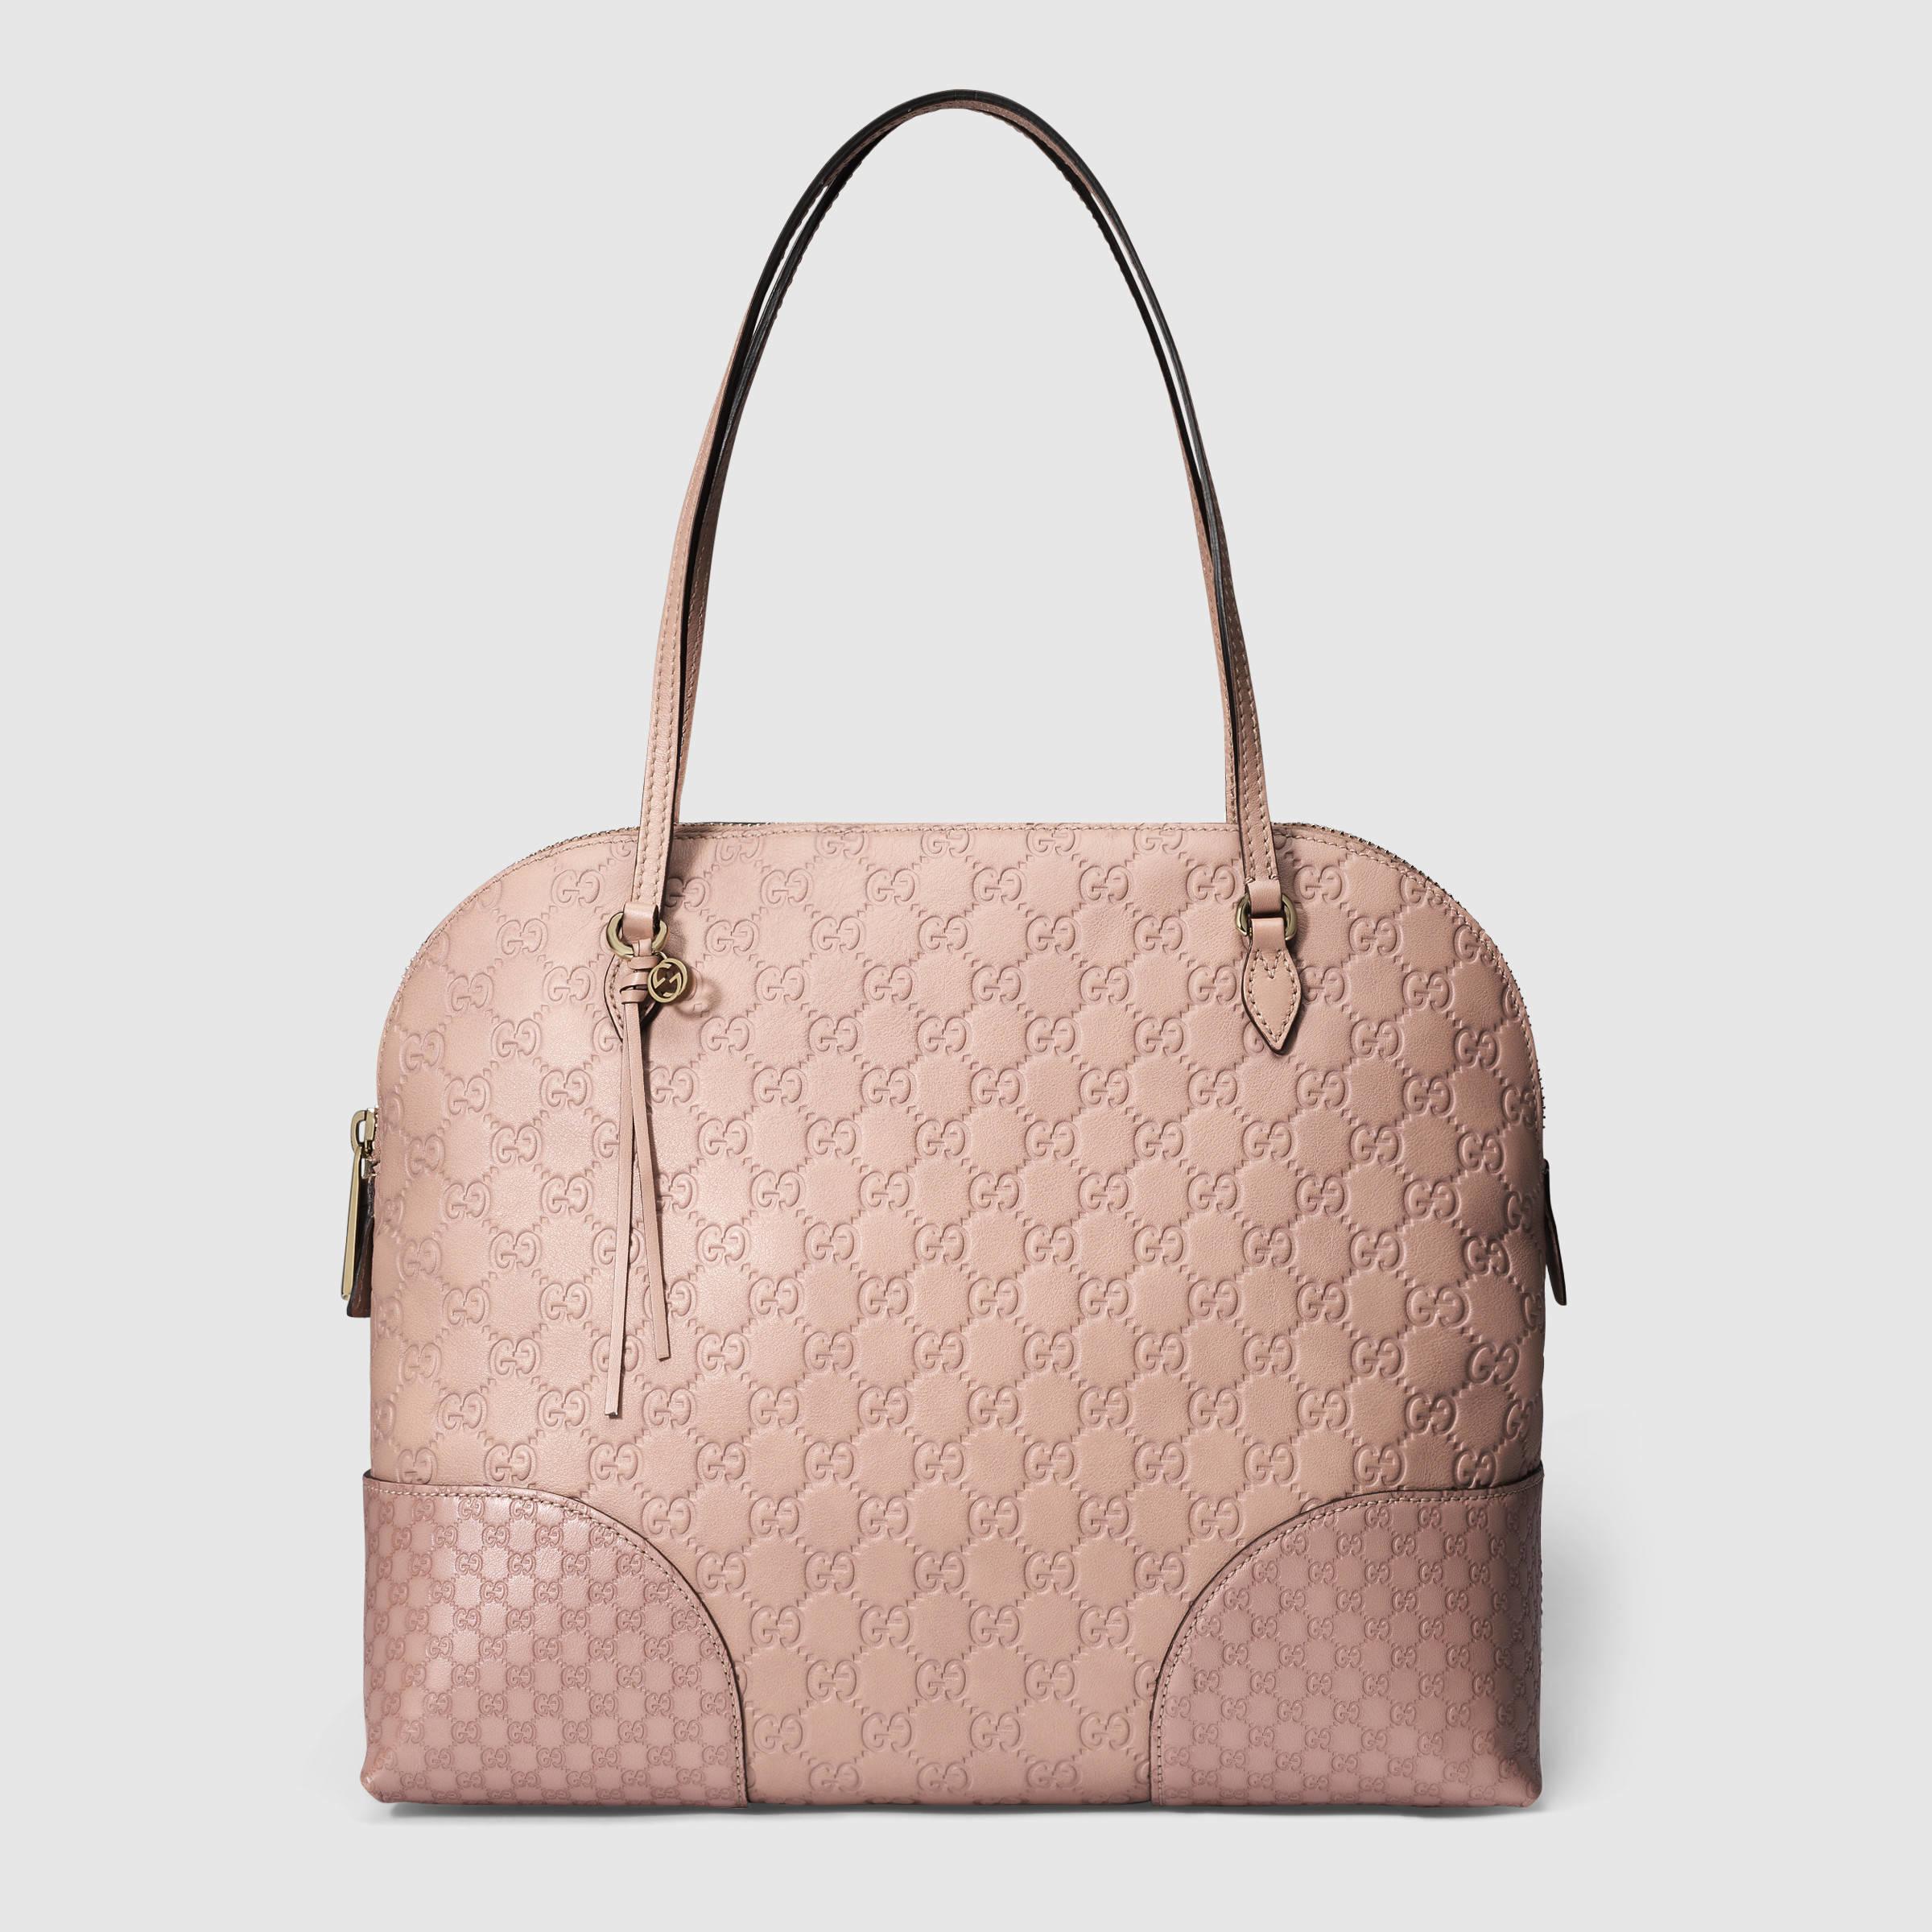 e871f5a8ff52 Gucci Bree Guccissima Shoulder Bag in Pink - Lyst